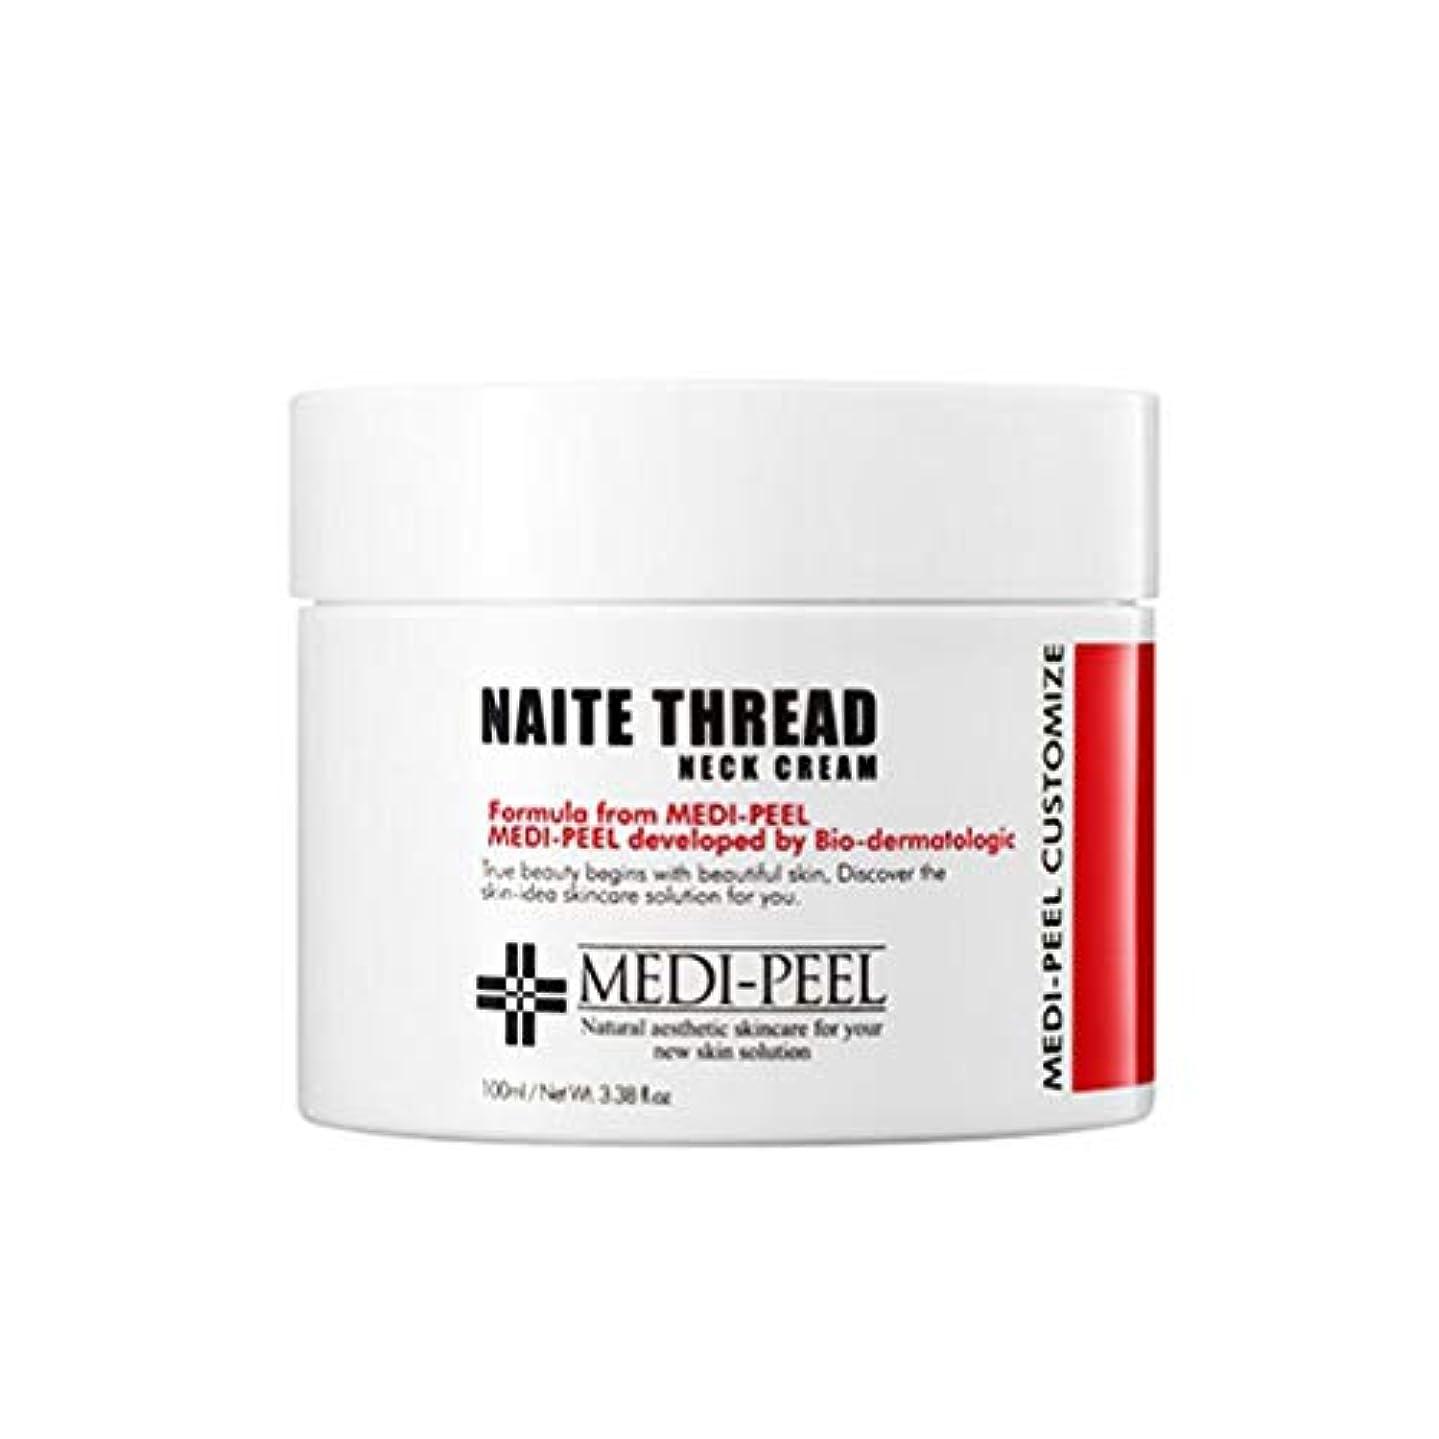 クリープ真実ペデスタルメディ?フィルナイテ糸ネッククリーム100ml 首のしわのケア韓国コスメ、Medi-Peel Naite Thread Neck Cream 100ml Korean Cosmetics [並行輸入品]